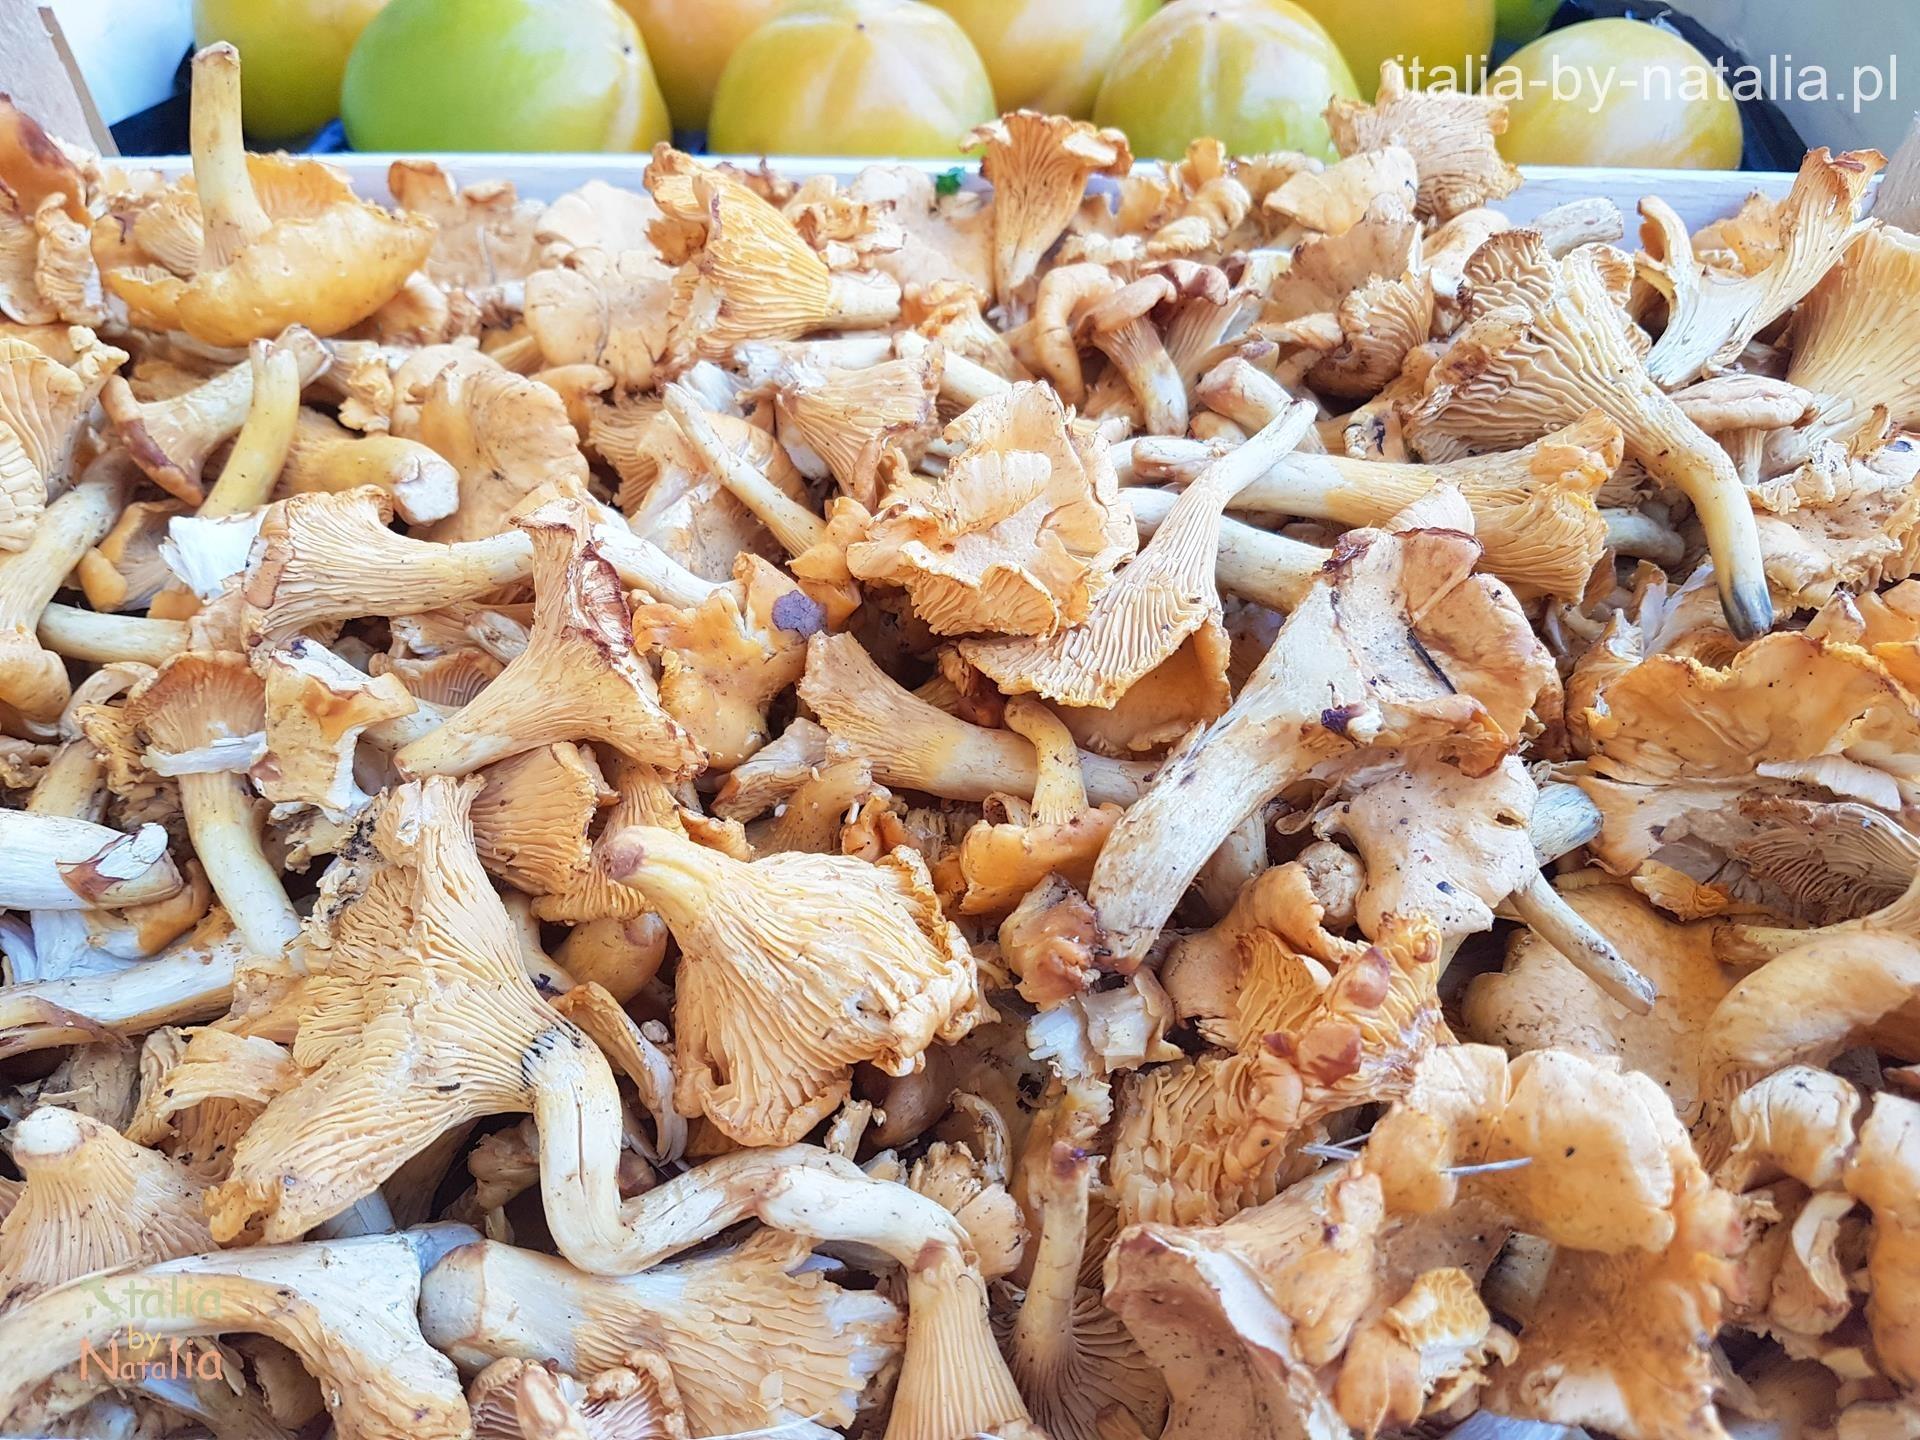 kurki grzyby włochy jesień Toskania jesienią